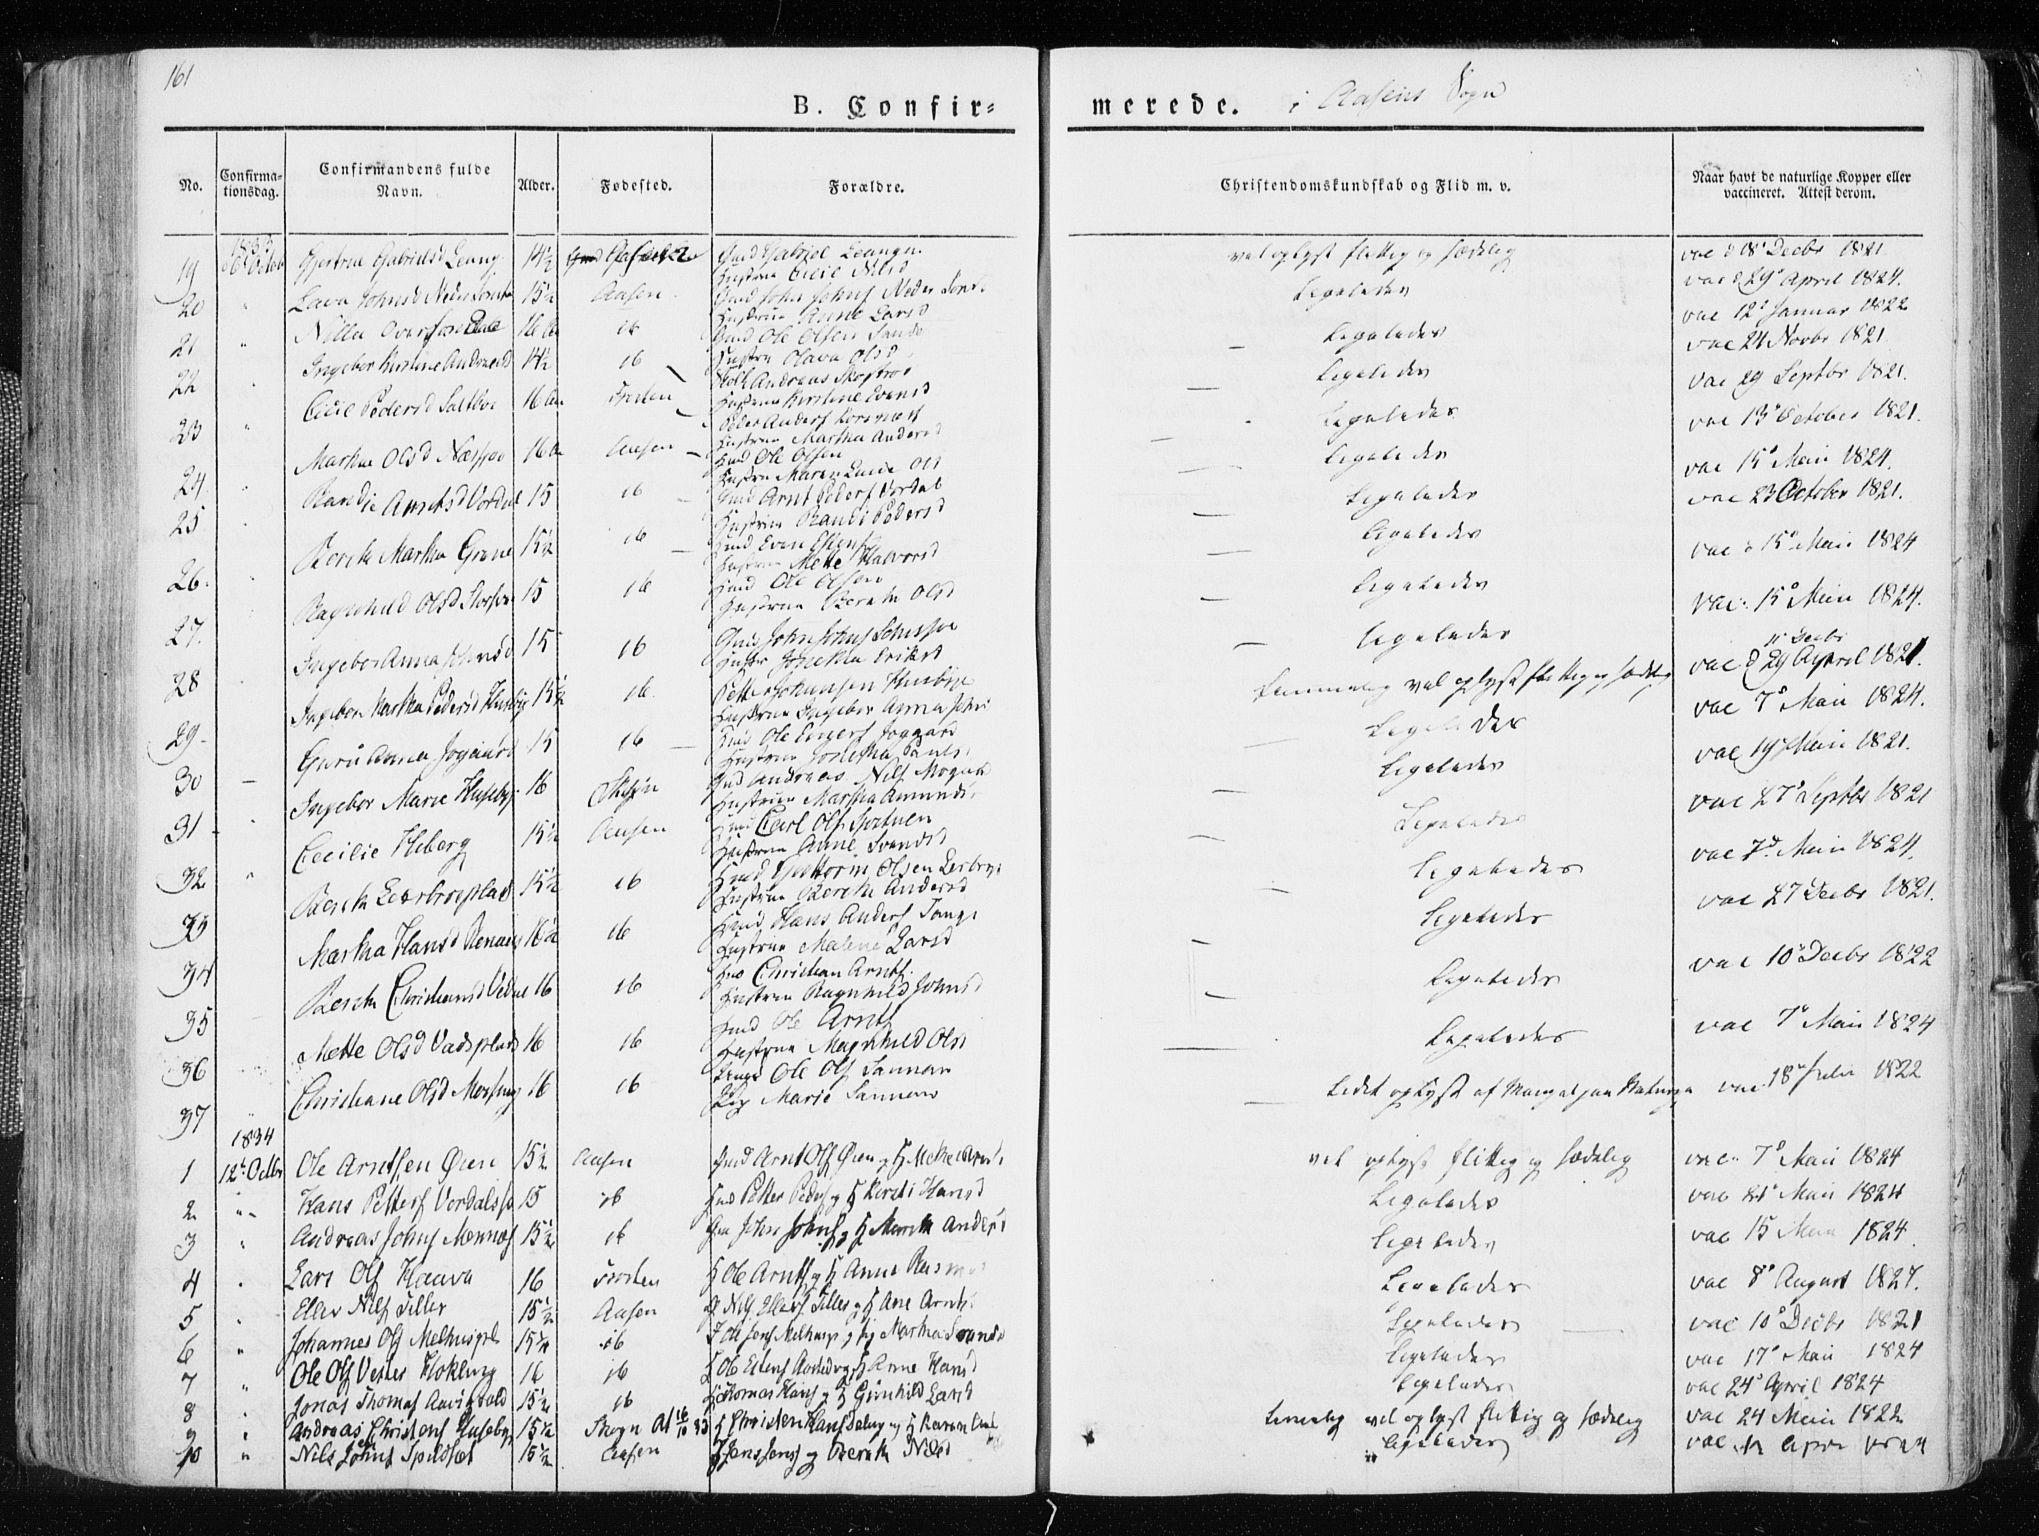 SAT, Ministerialprotokoller, klokkerbøker og fødselsregistre - Nord-Trøndelag, 713/L0114: Ministerialbok nr. 713A05, 1827-1839, s. 161